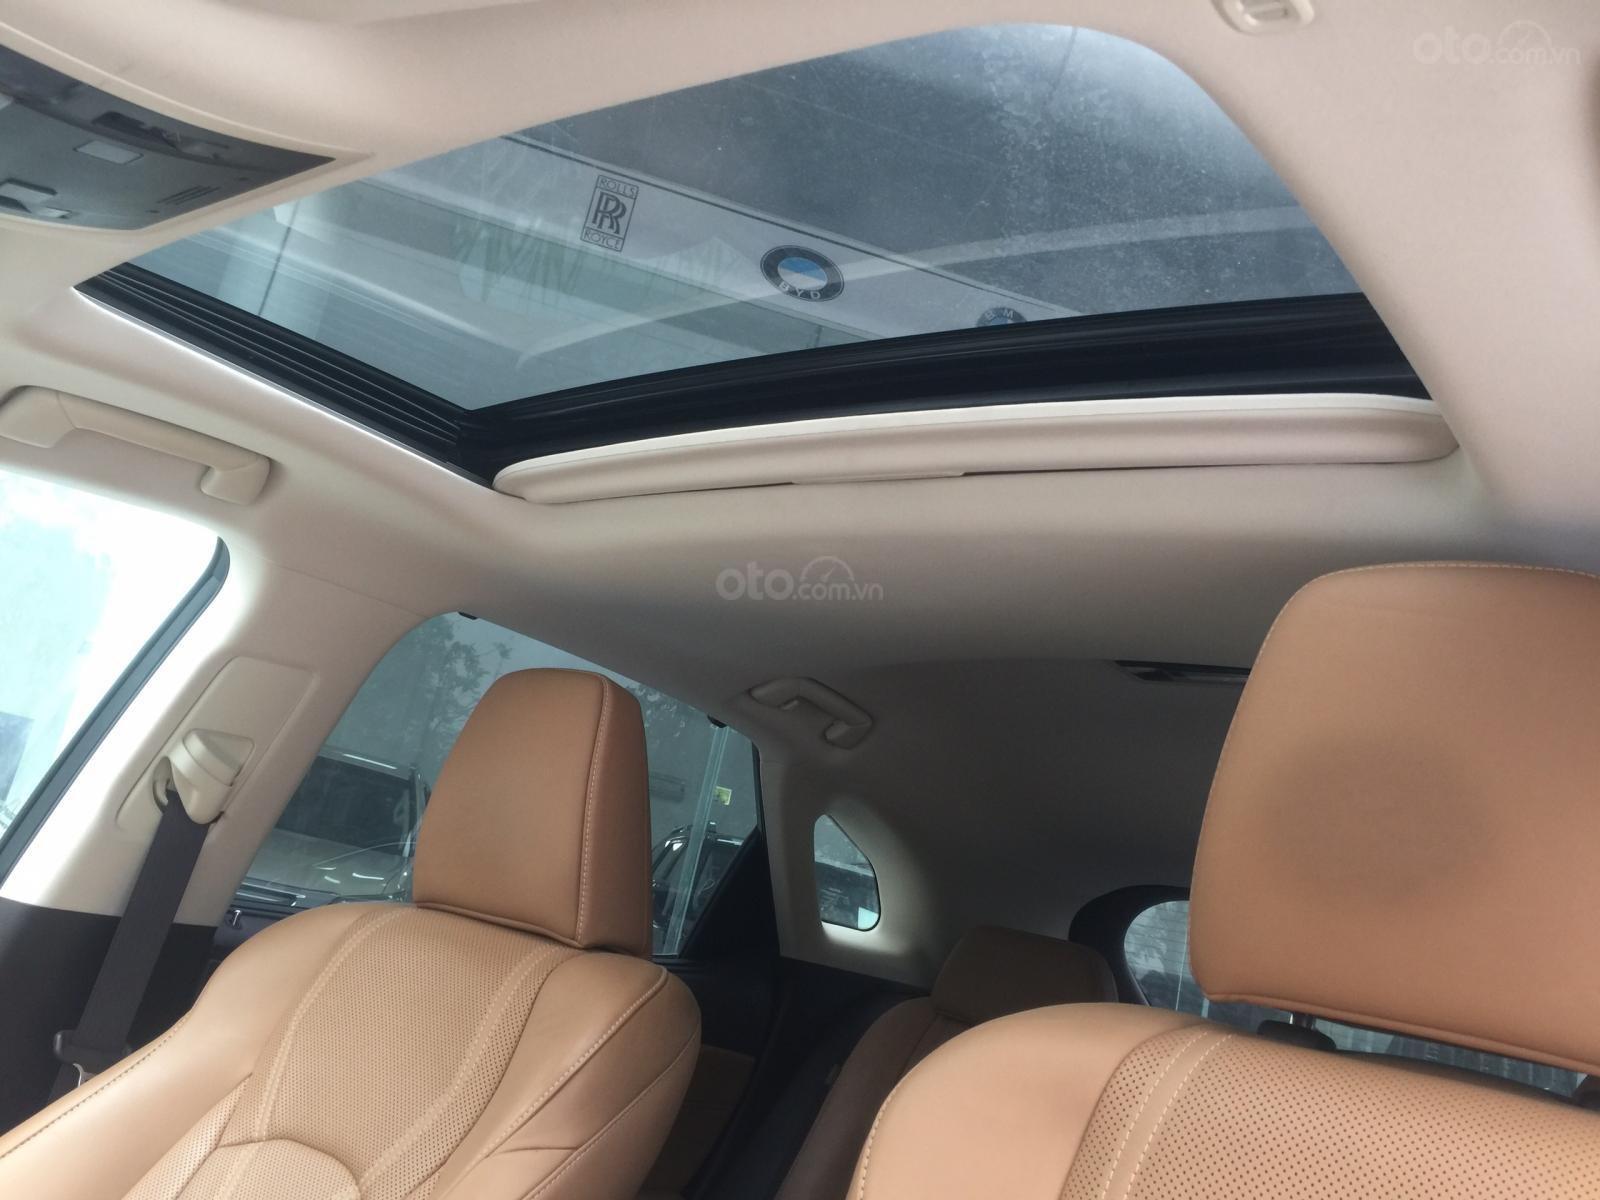 Bán Lexus RX 200T SX 2016, giá tốt giao ngay LH 094.539.2468 Ms. Hương (6)